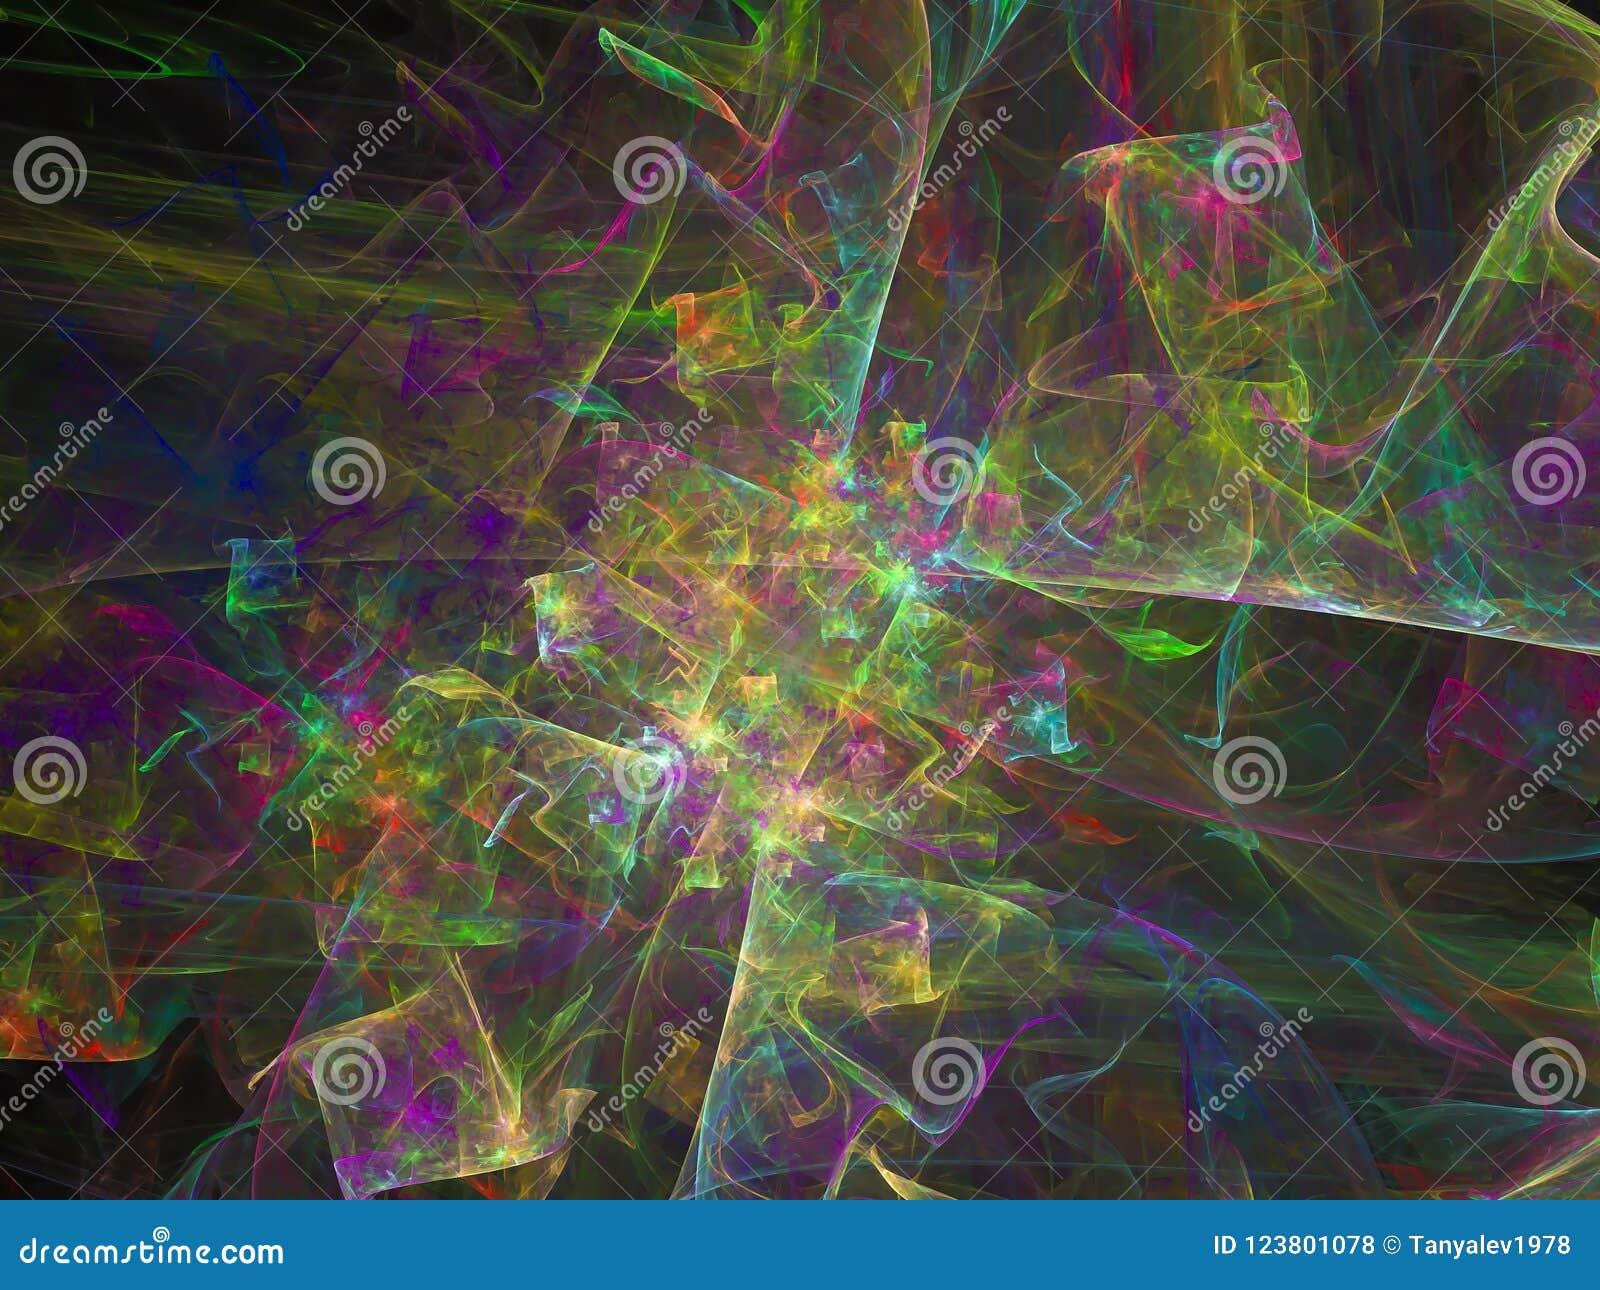 Ciencia brillante etérea del efecto superficial de la facilidad del fondo futuro digital abstracto de la ilusión